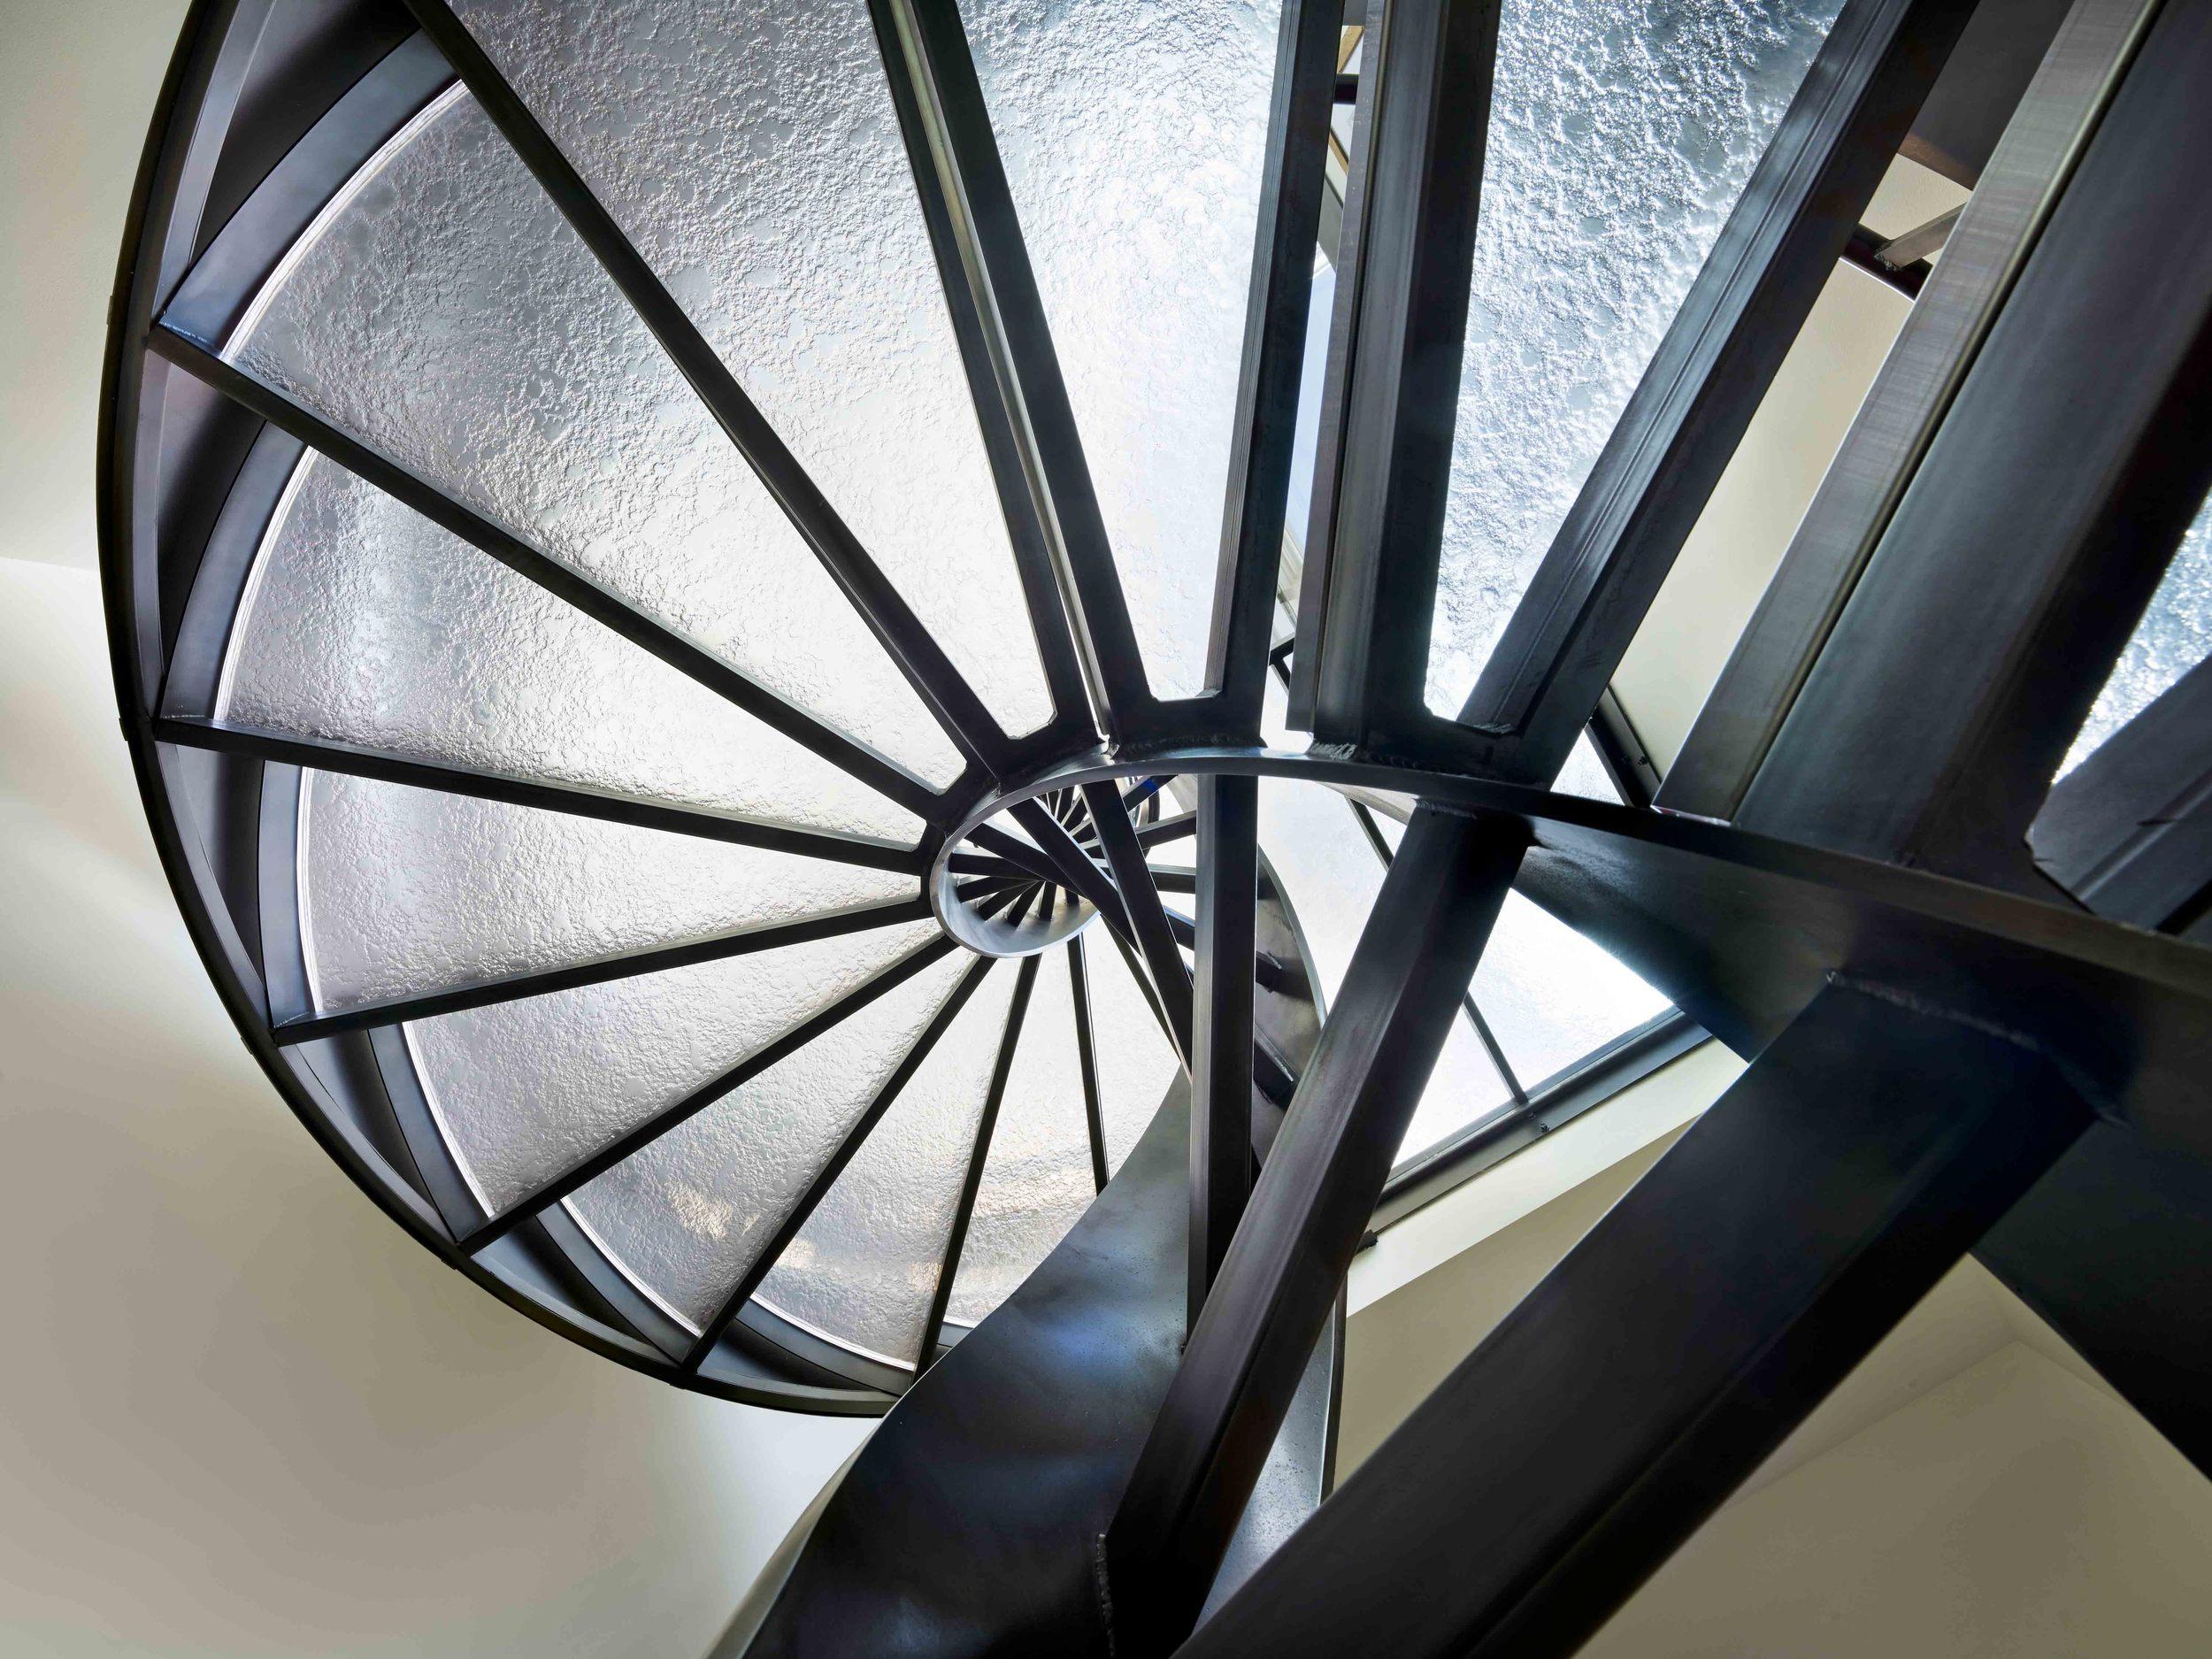 Buchi spiral stair underside.jpg